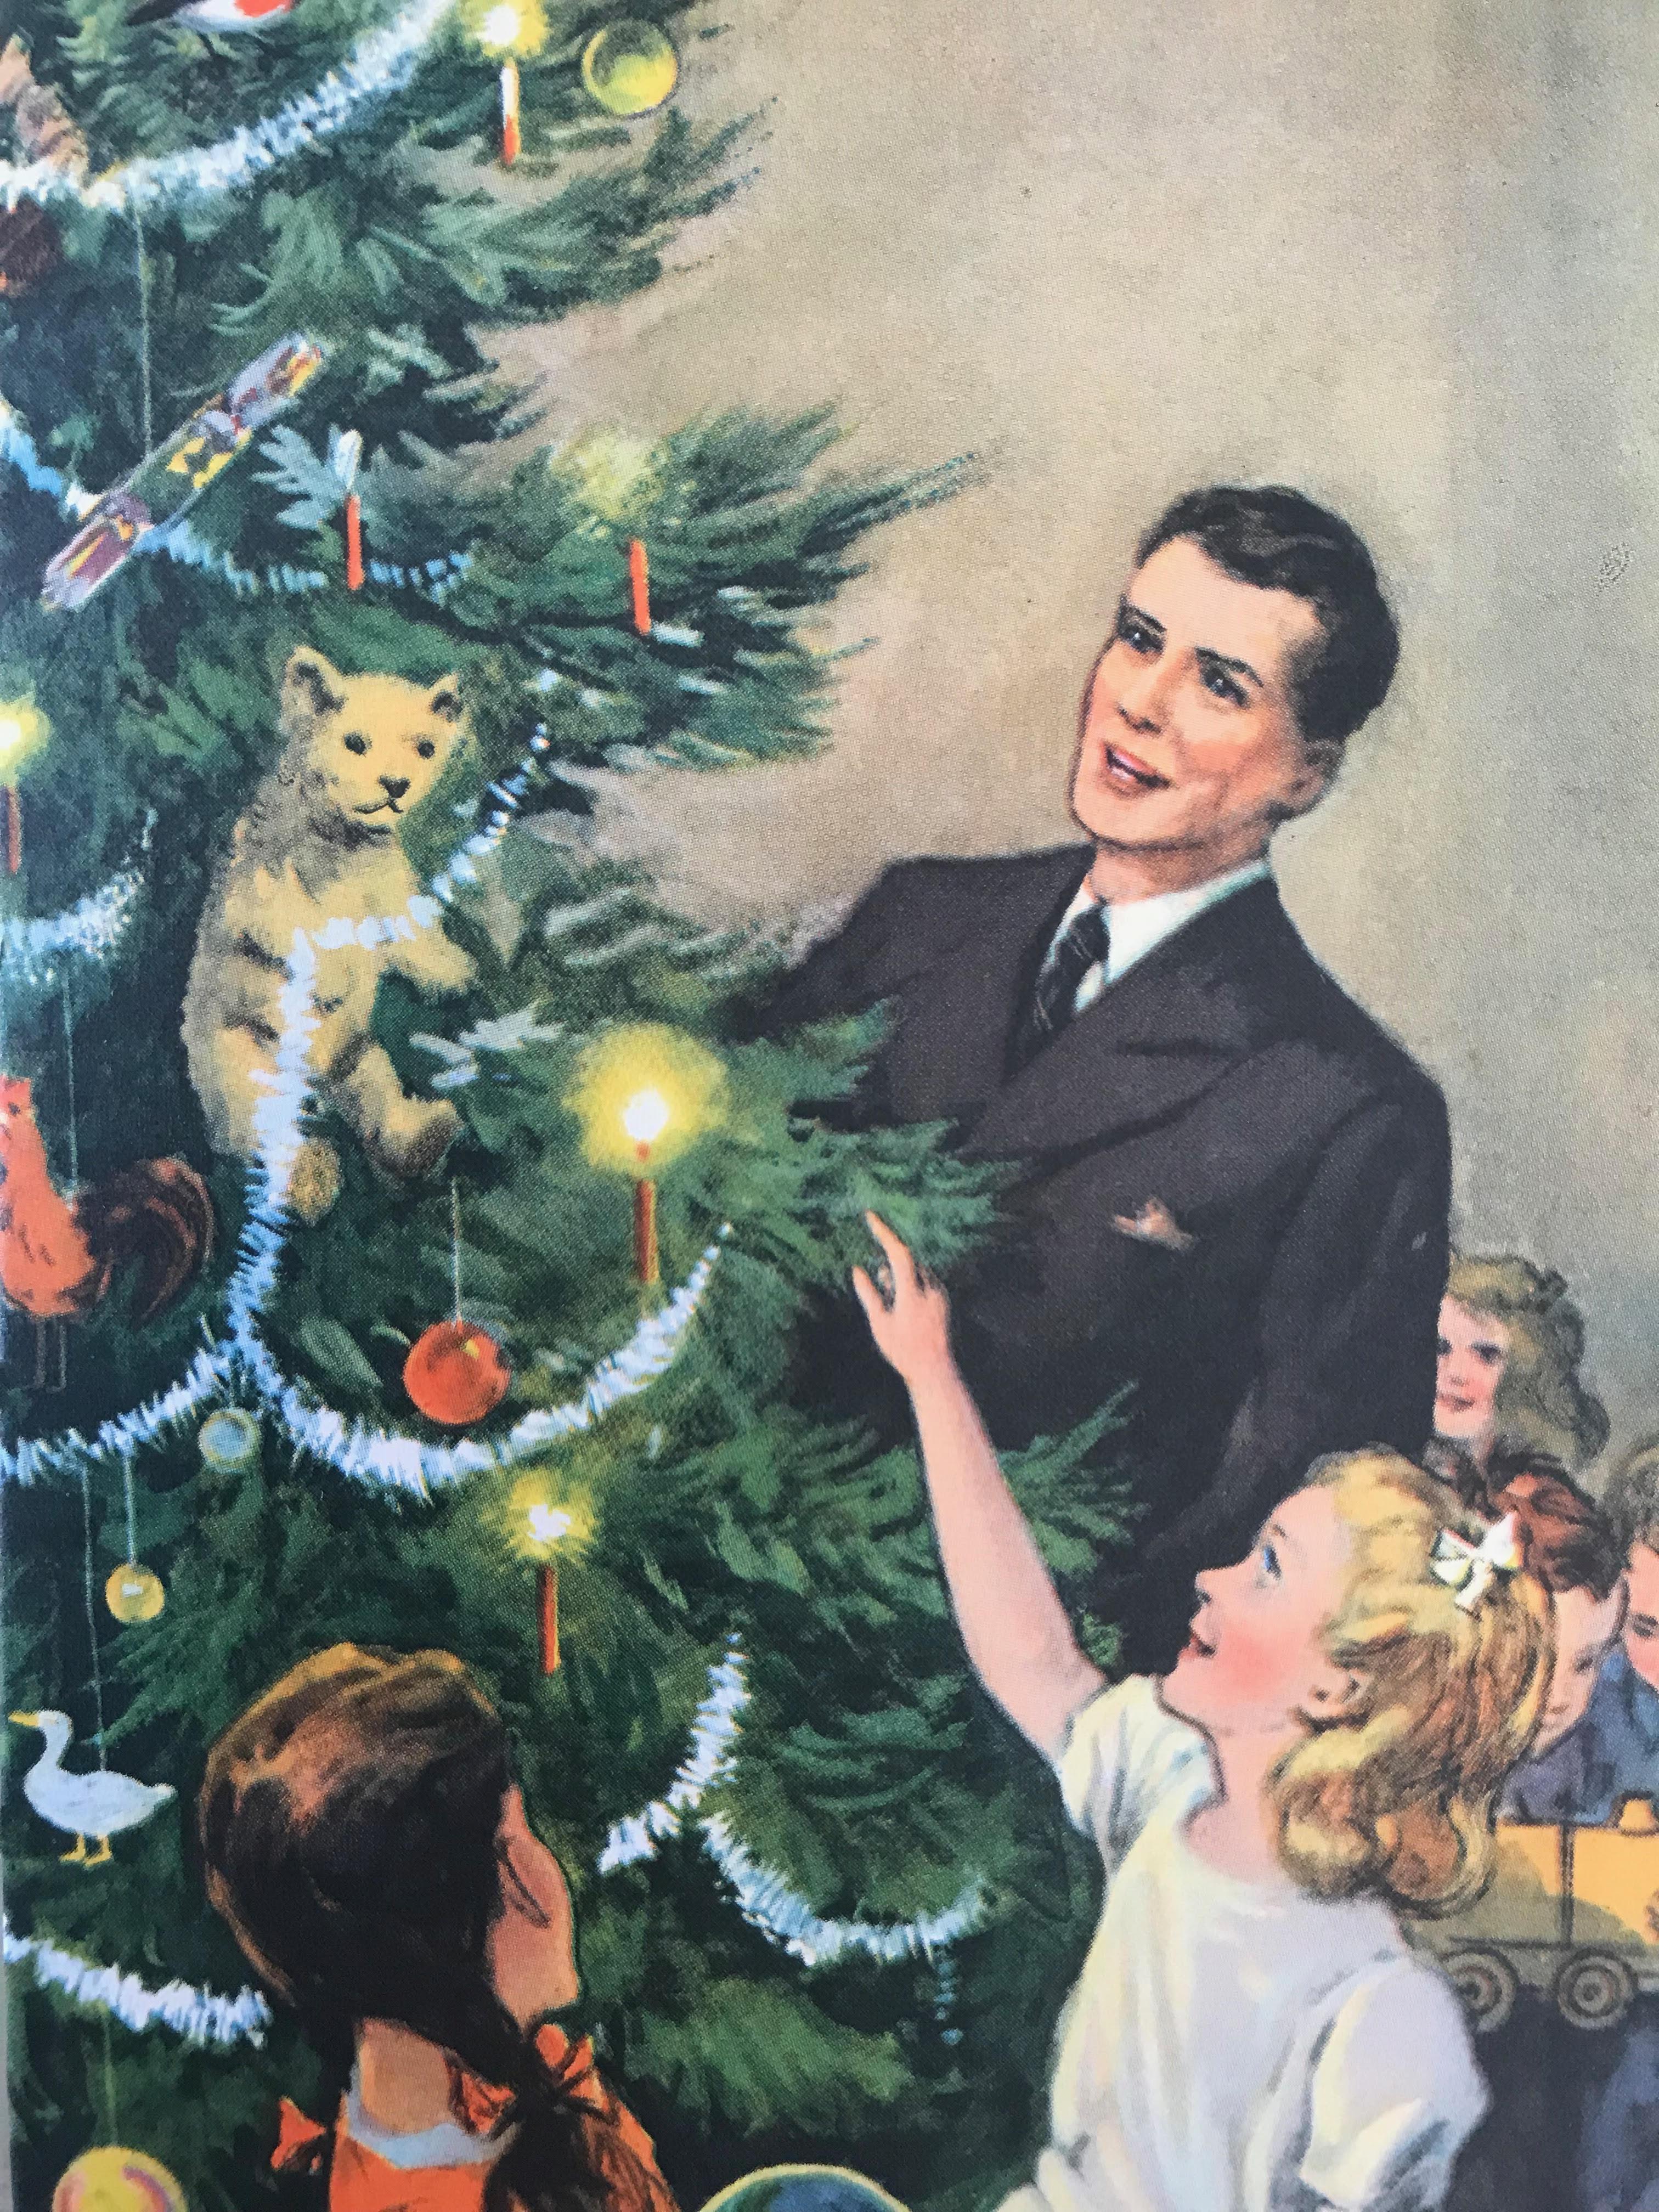 A very Vintage Christmas.